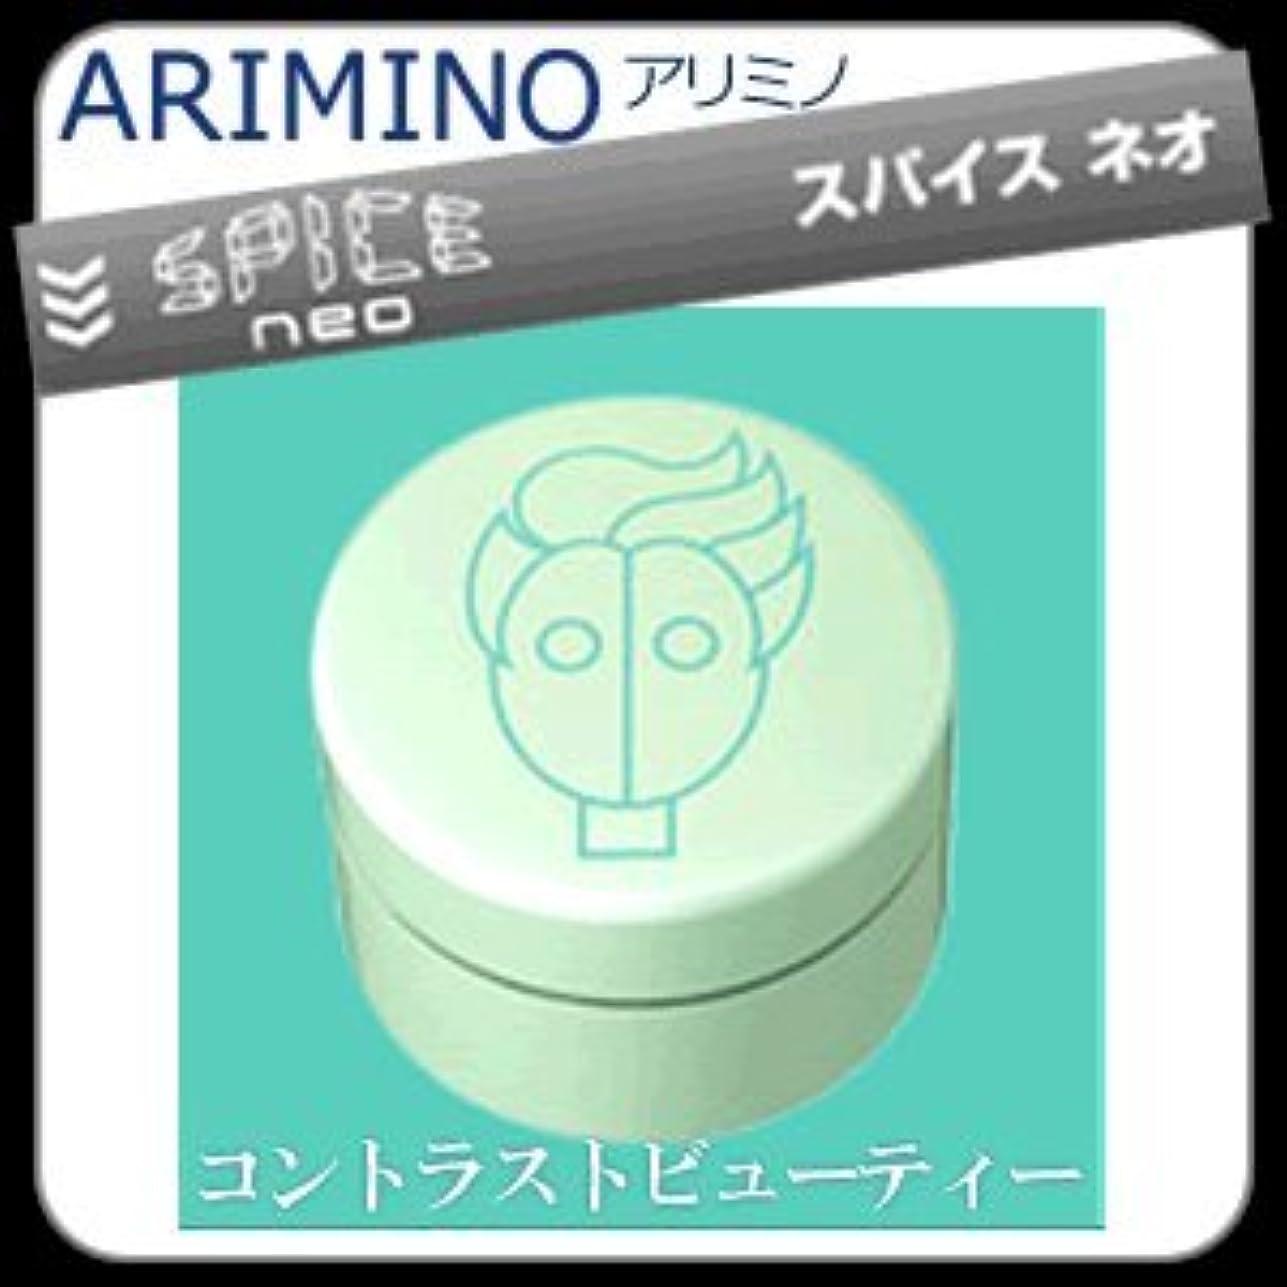 仮定する反論小間【X4個セット】 アリミノ スパイスネオ GREASE-WAX グリースワックス 100g ARIMINO SPICE neo